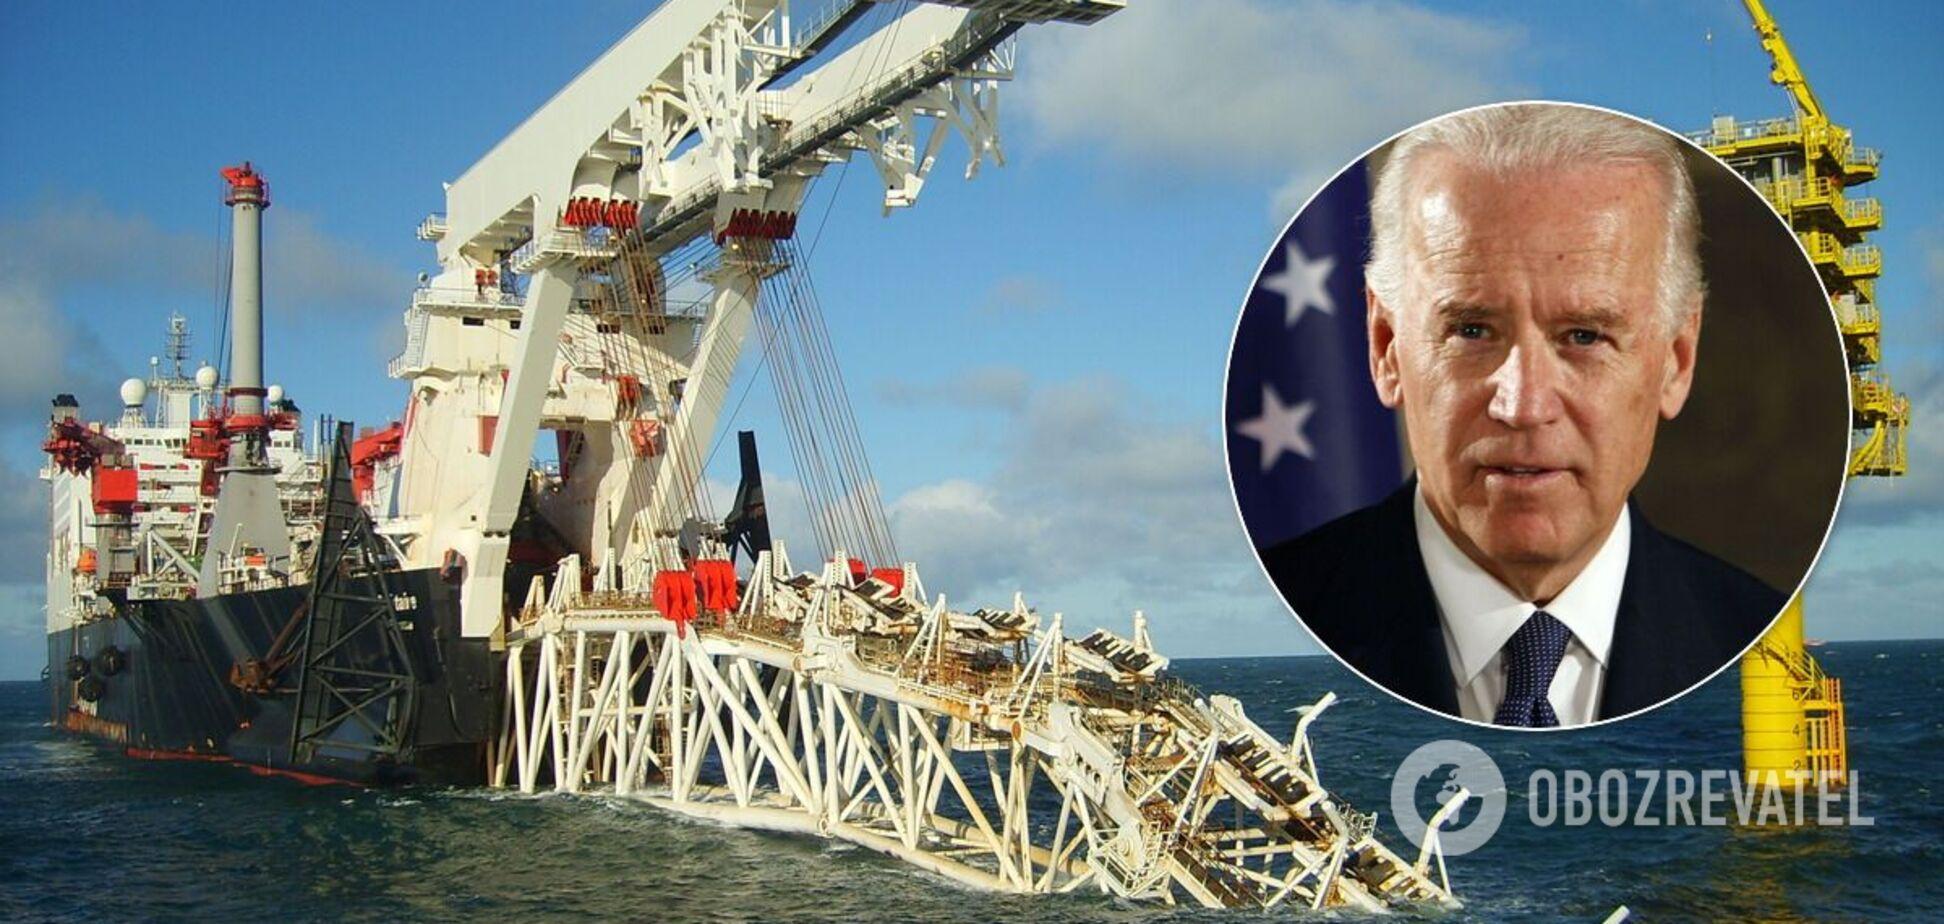 Байден може зупинити санкції США проти 'Північного потоку-2', – Пономарьов